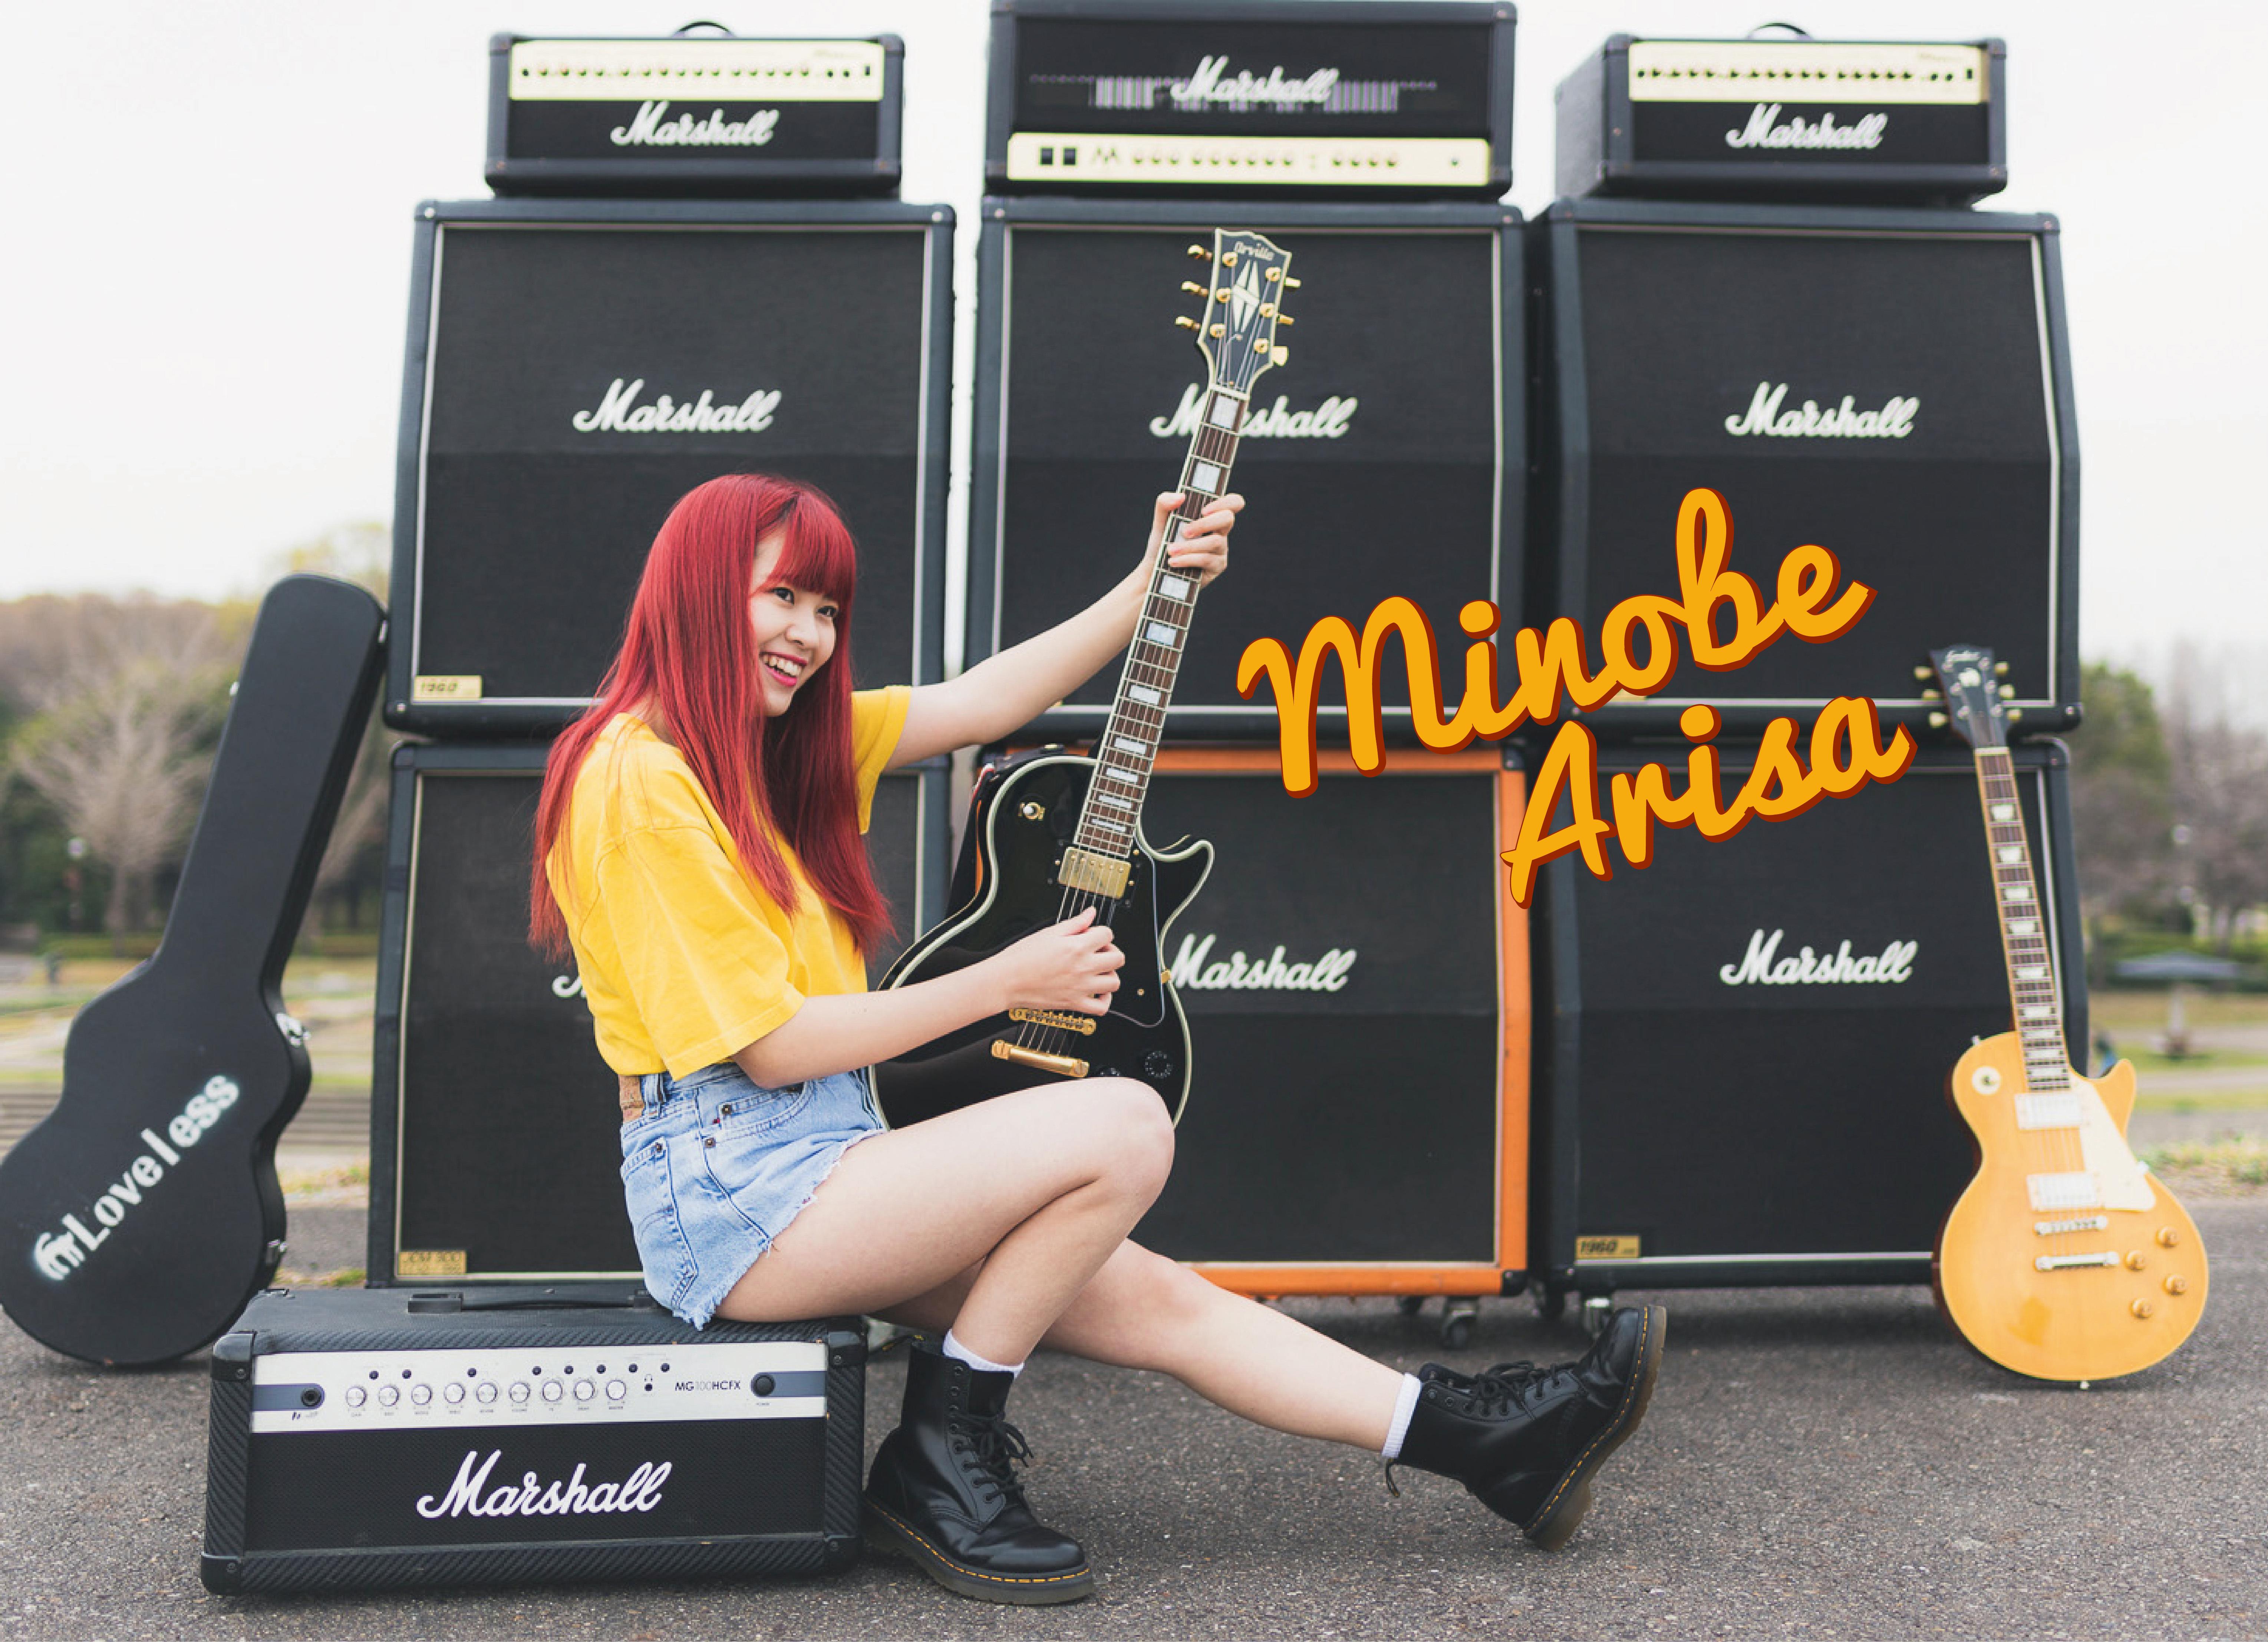 【みのべありさ】1st mini album「Side Story」リリース記念、大阪ビジョンジャックキャンペーン!